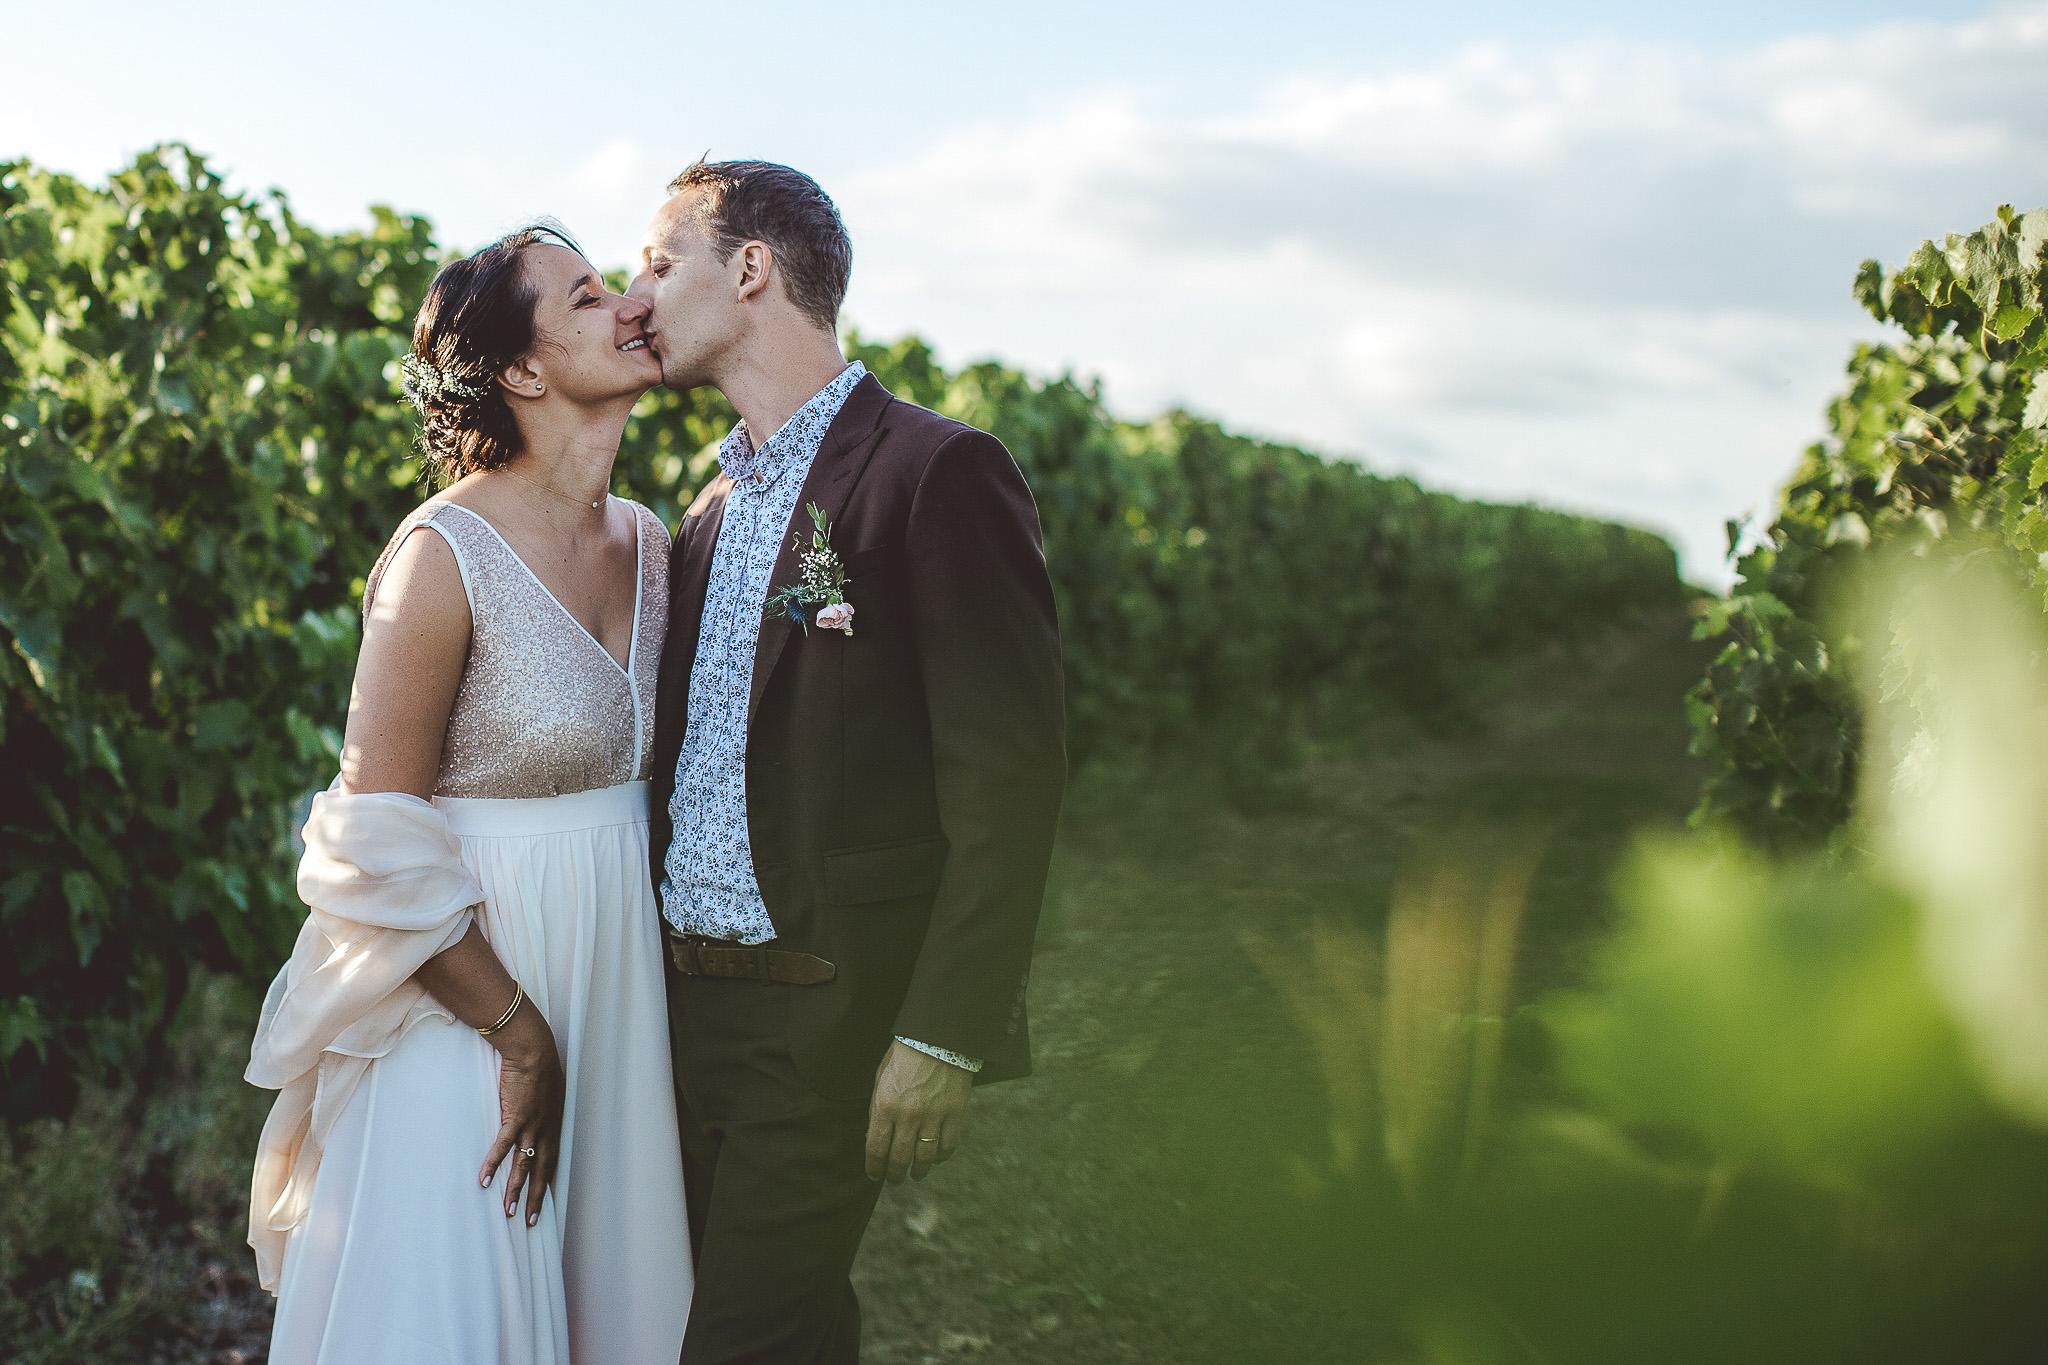 seance photo couple mariage cognac charente vignes domaine viticole giboin